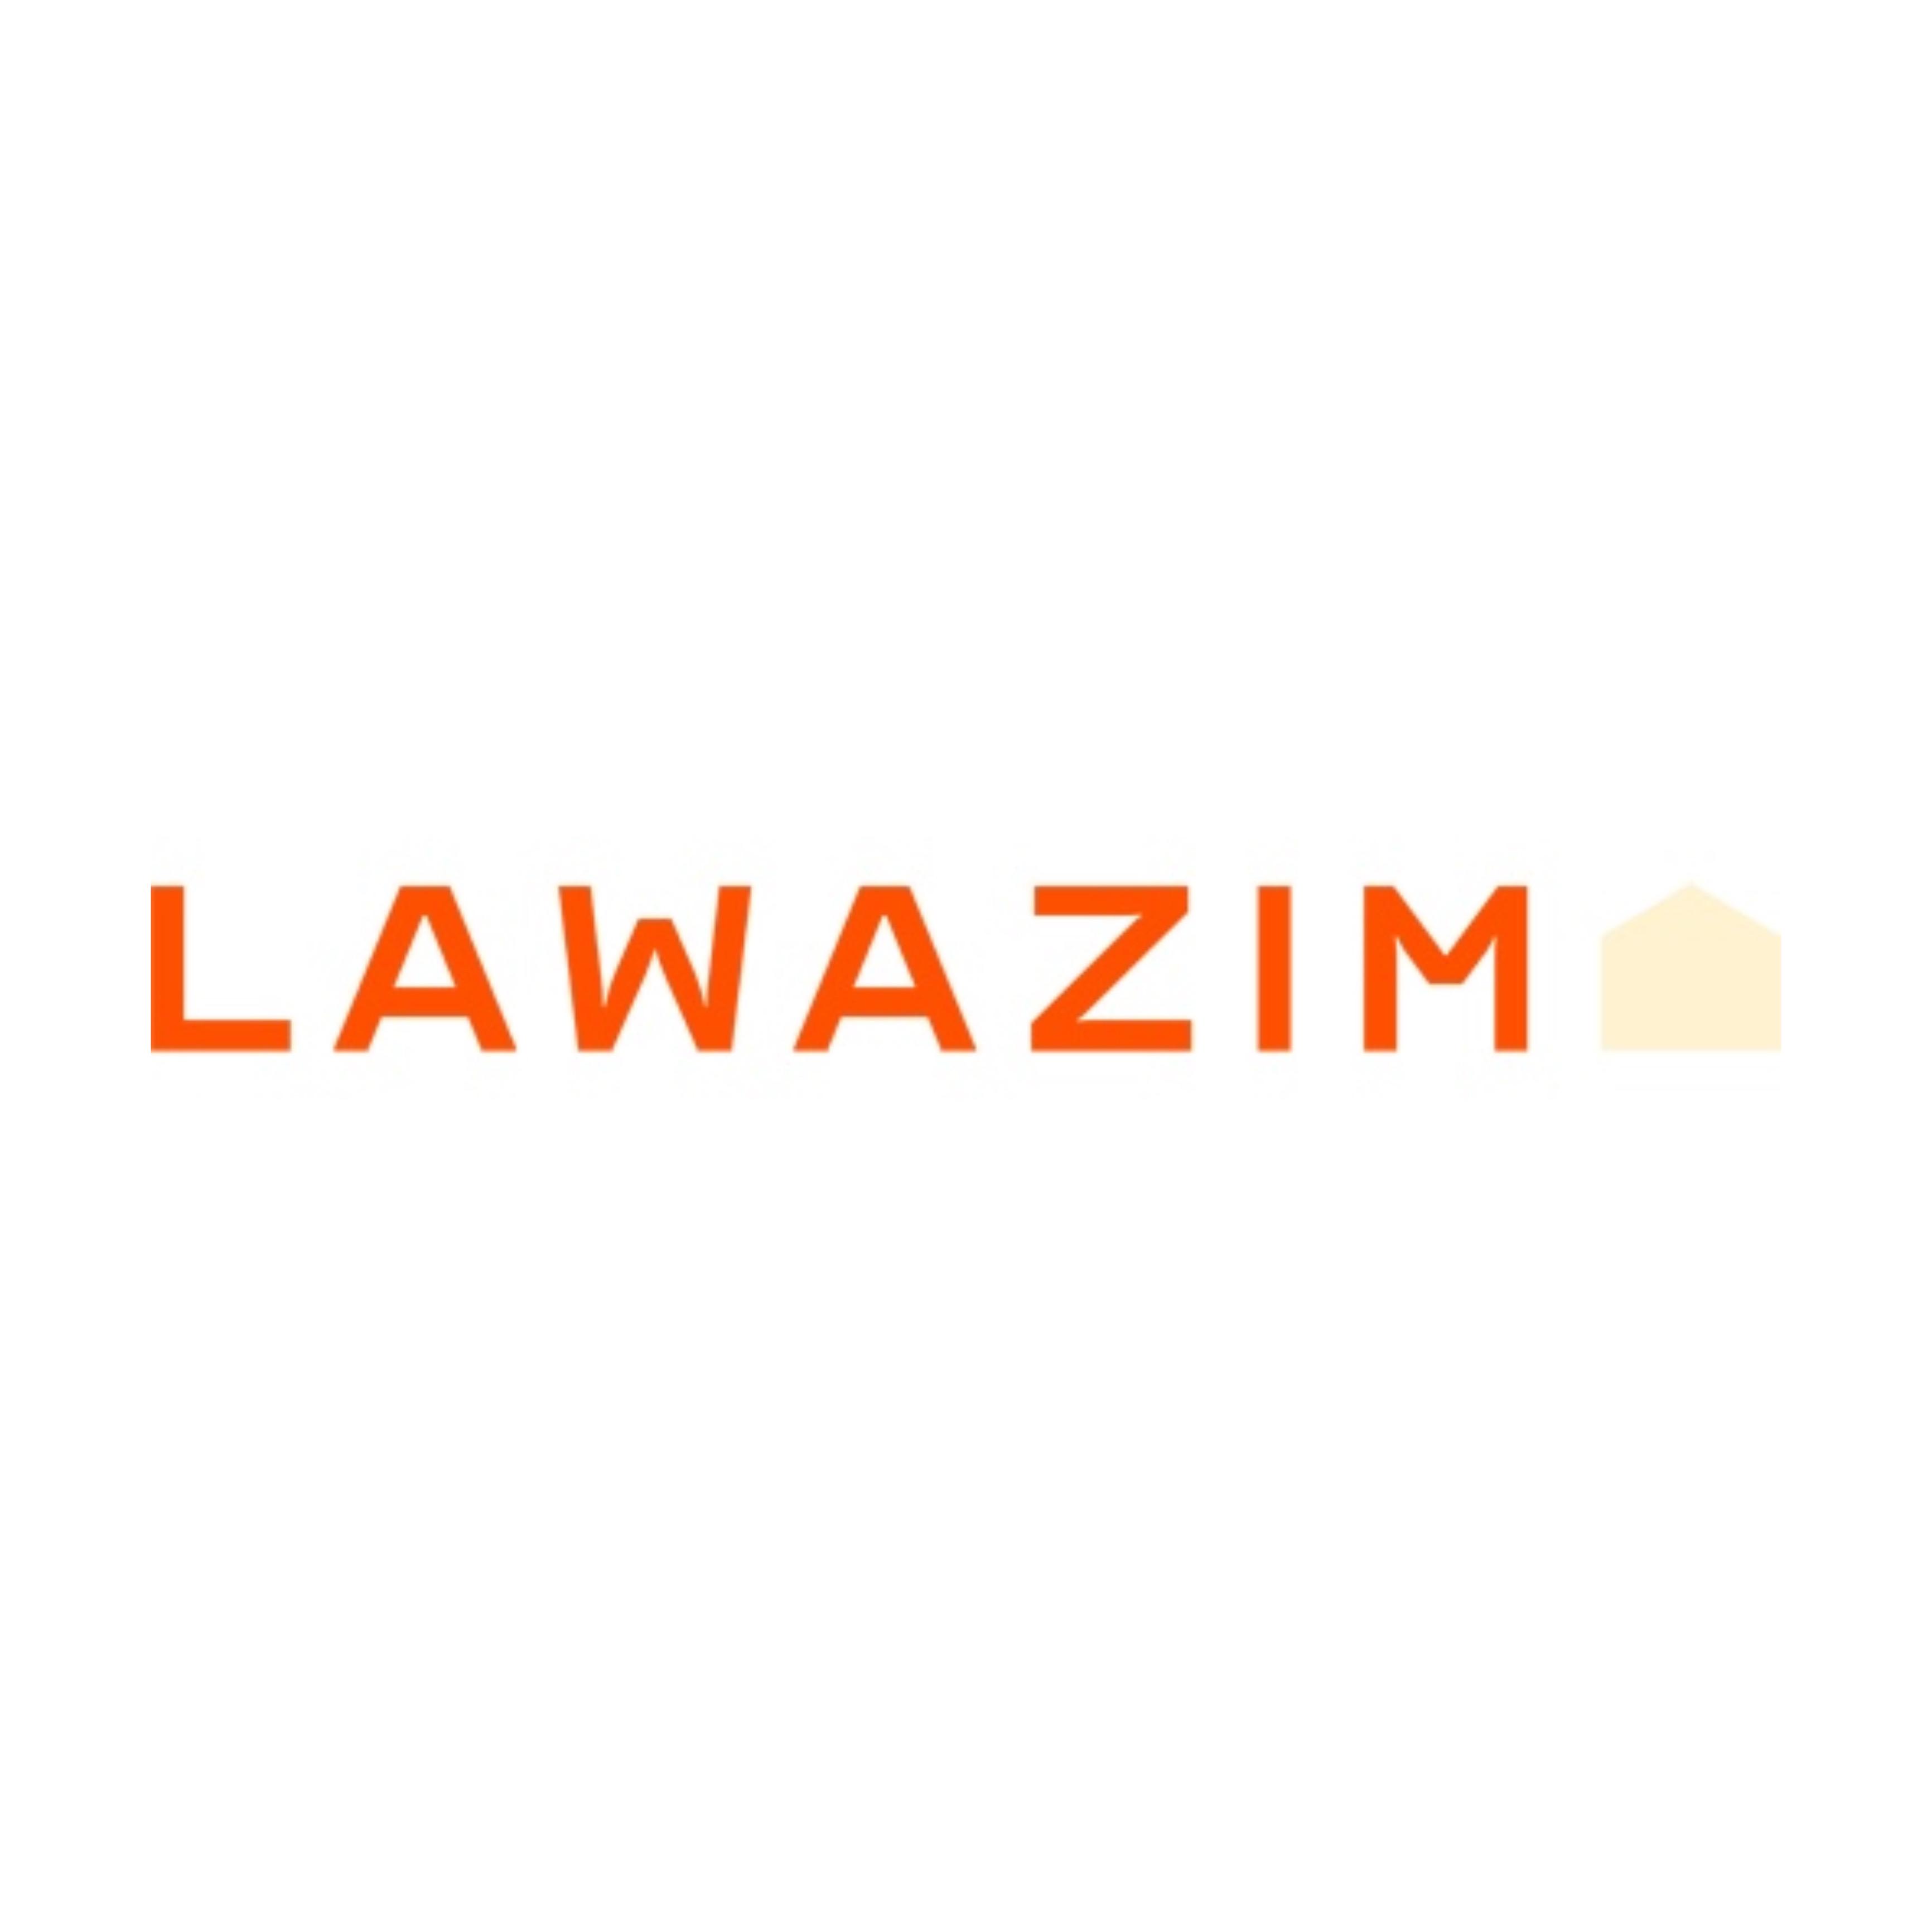 LAWAZIM